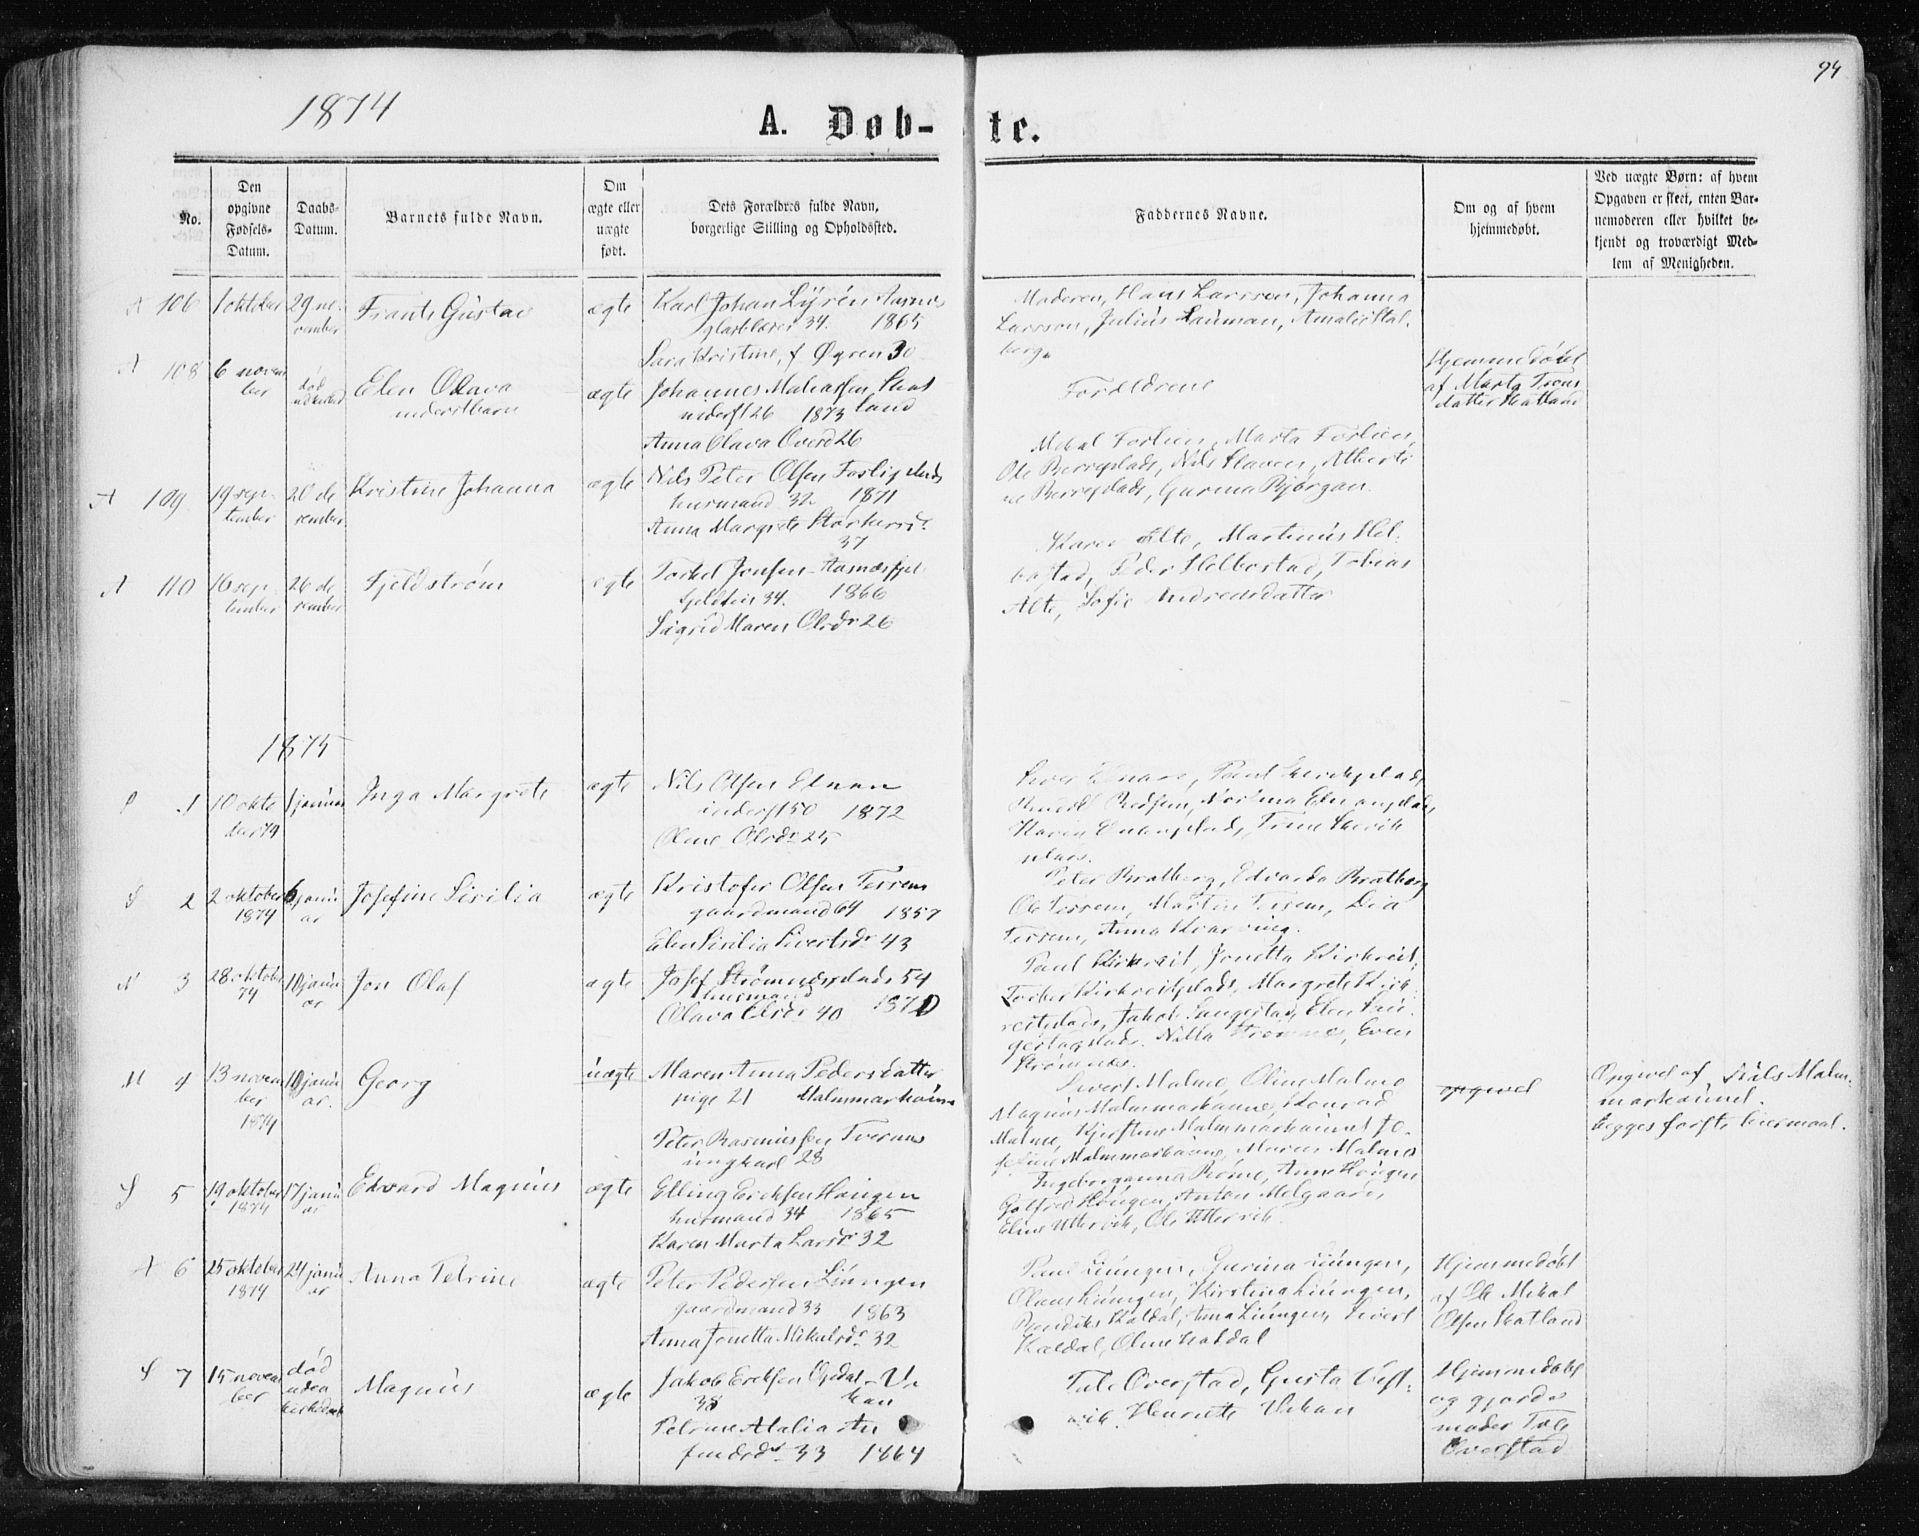 SAT, Ministerialprotokoller, klokkerbøker og fødselsregistre - Nord-Trøndelag, 741/L0394: Ministerialbok nr. 741A08, 1864-1877, s. 94